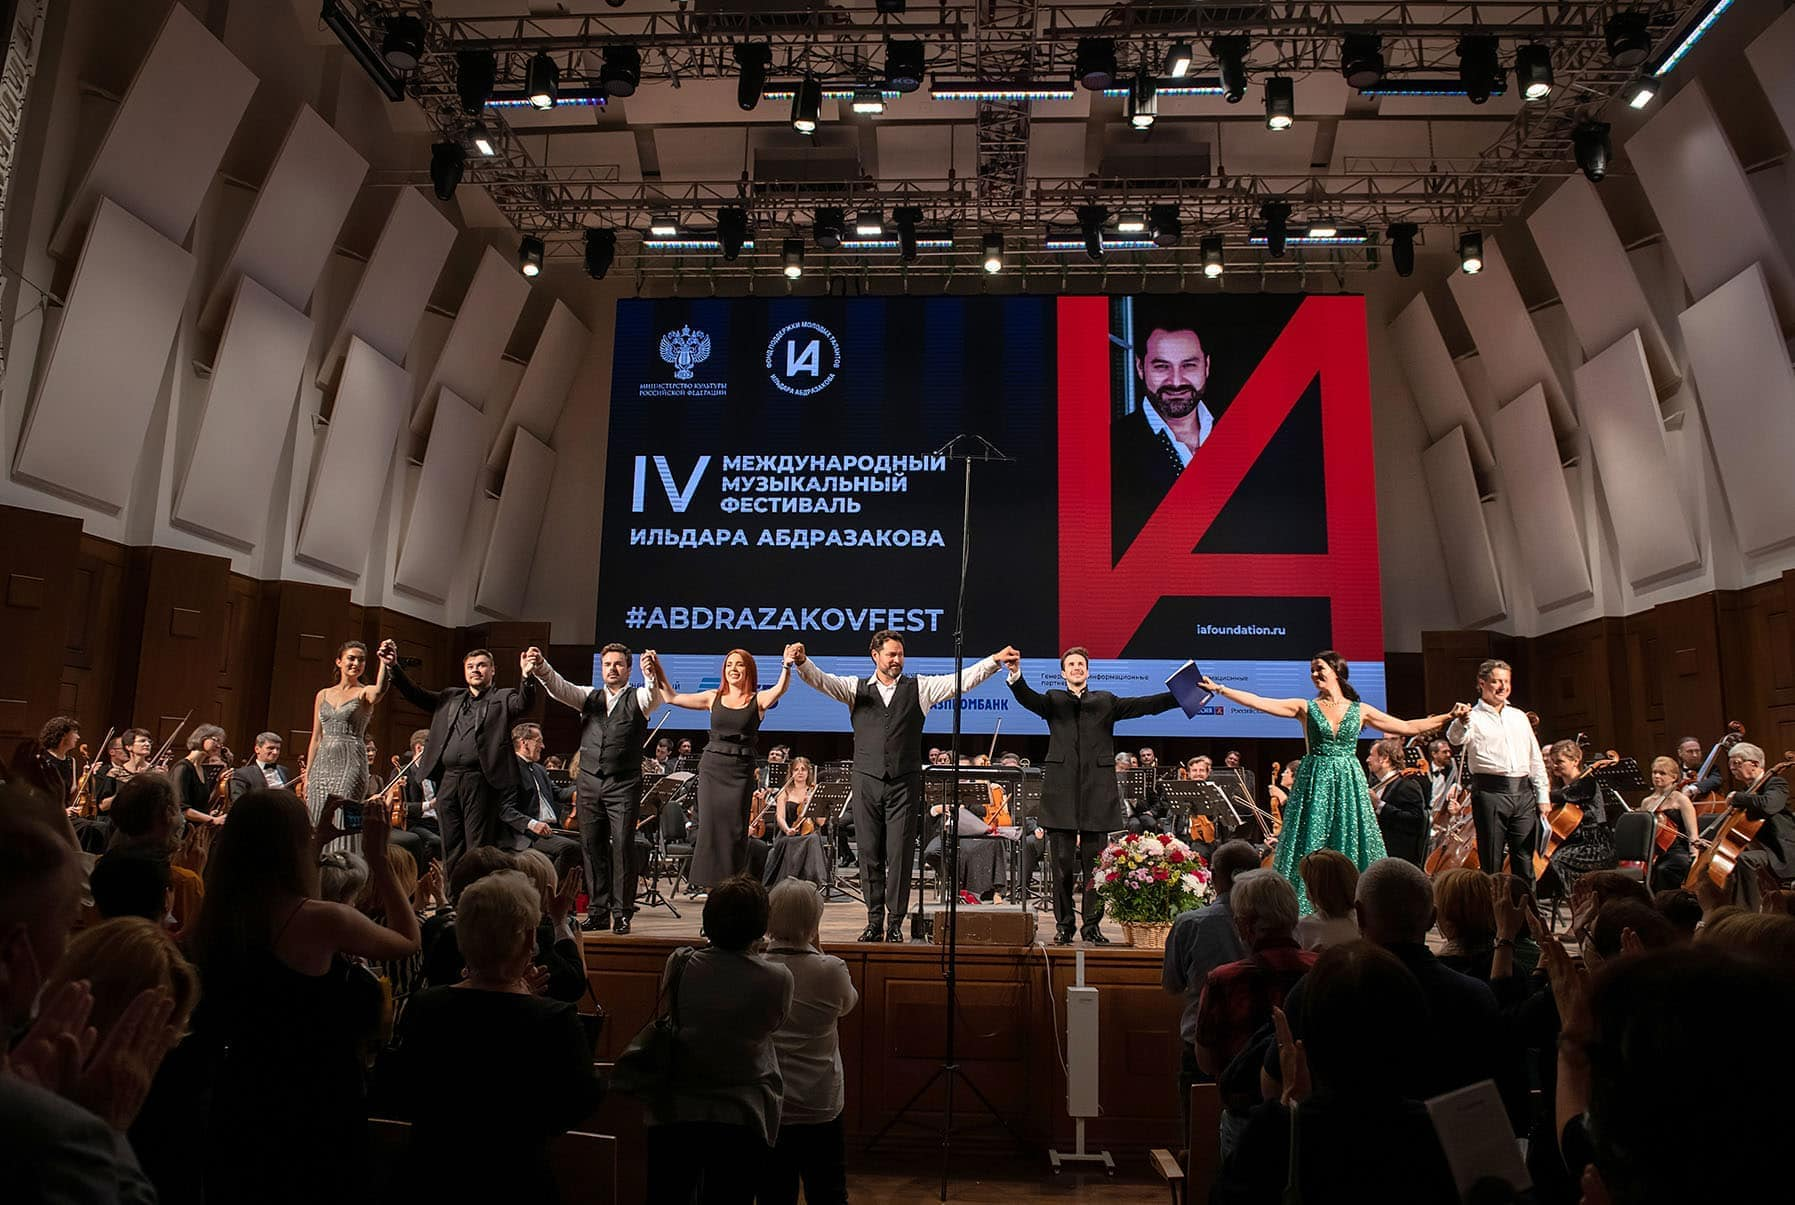 Концерт в Новосибирске. Фото - Александр Шапунов